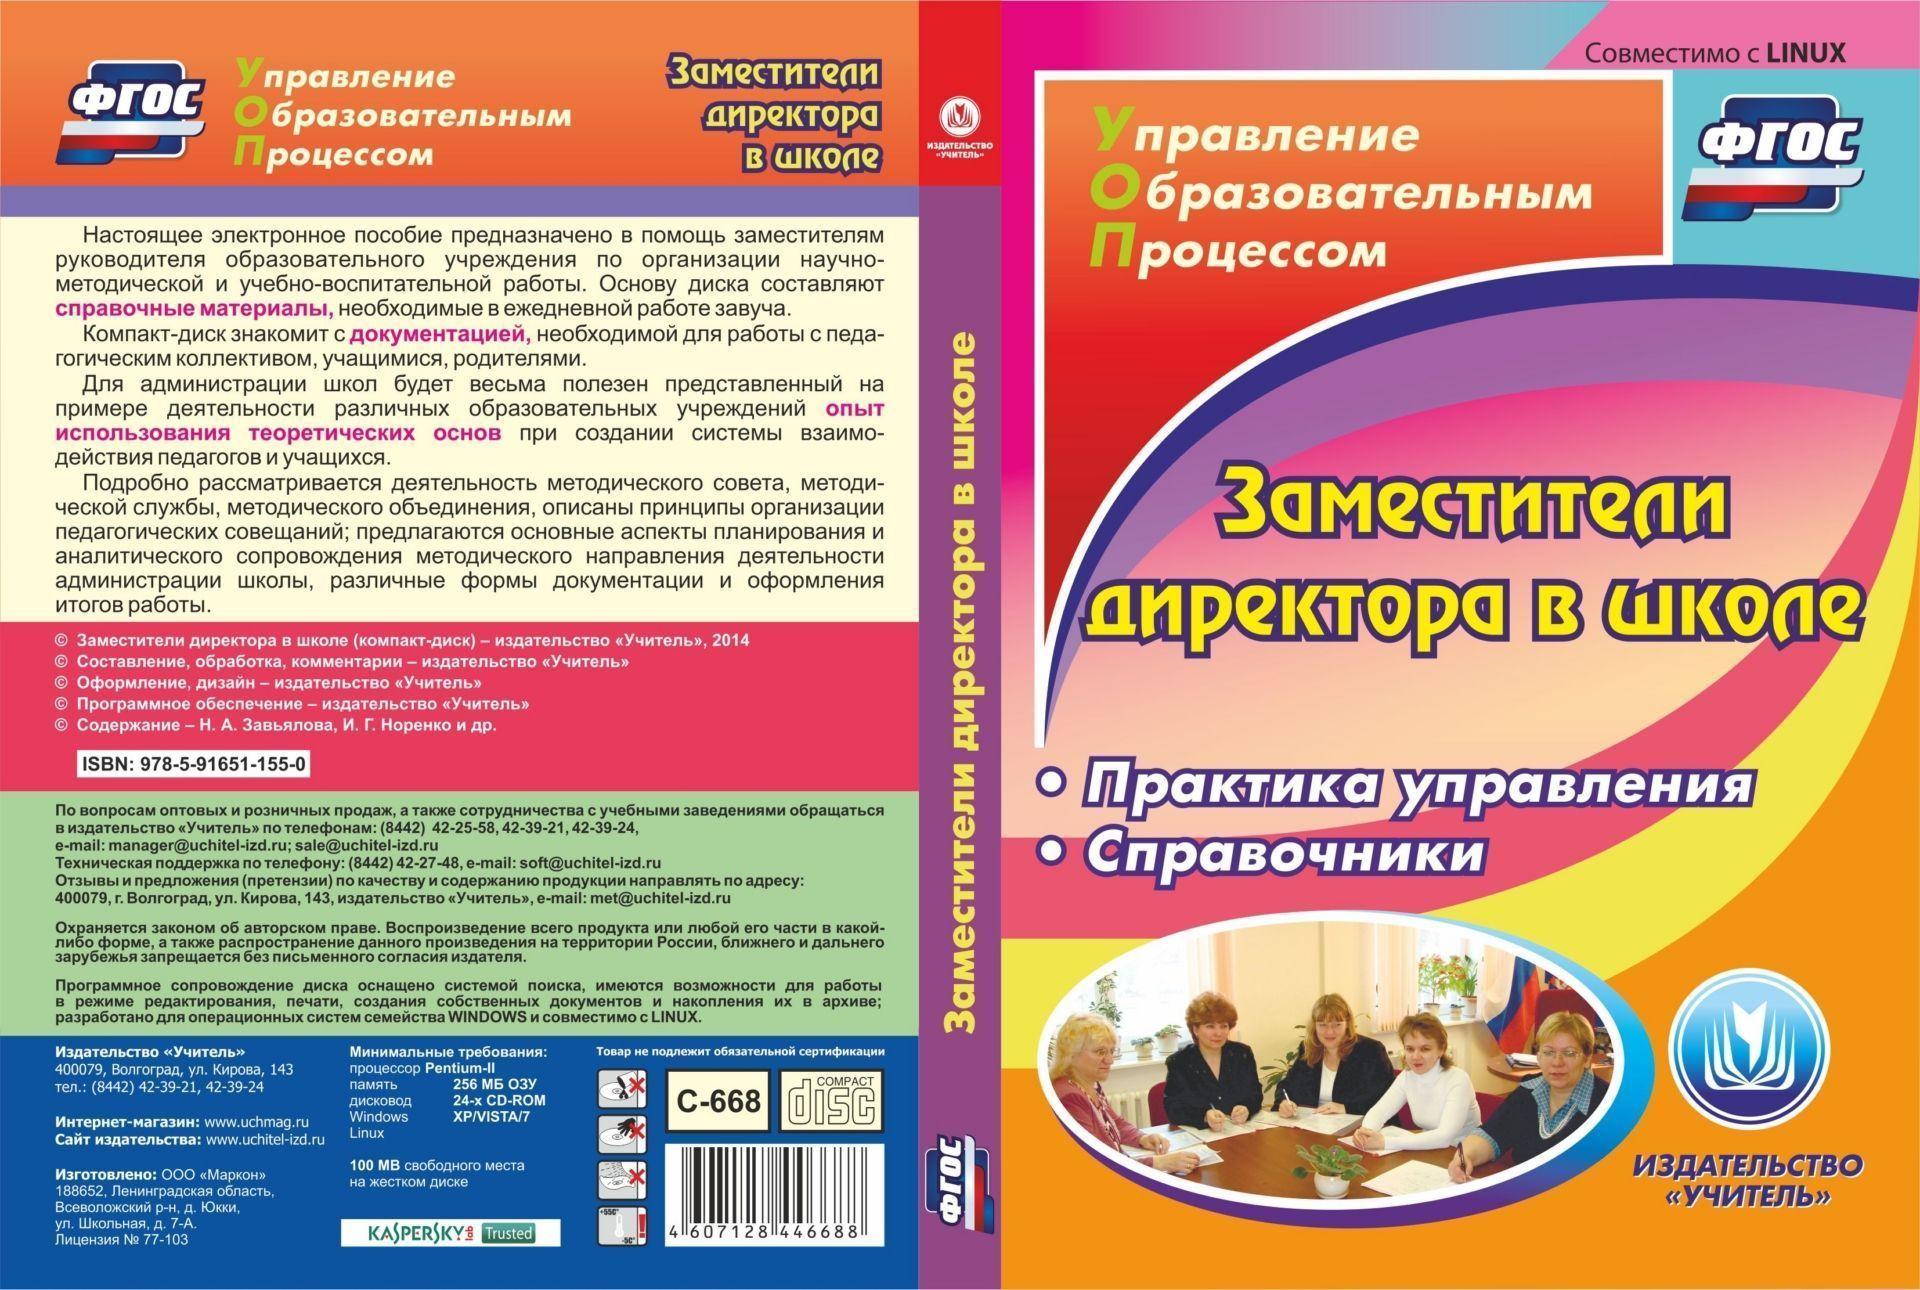 Заместители директора в школе. Компакт-диск для компьютера: Практика управления. Справочники